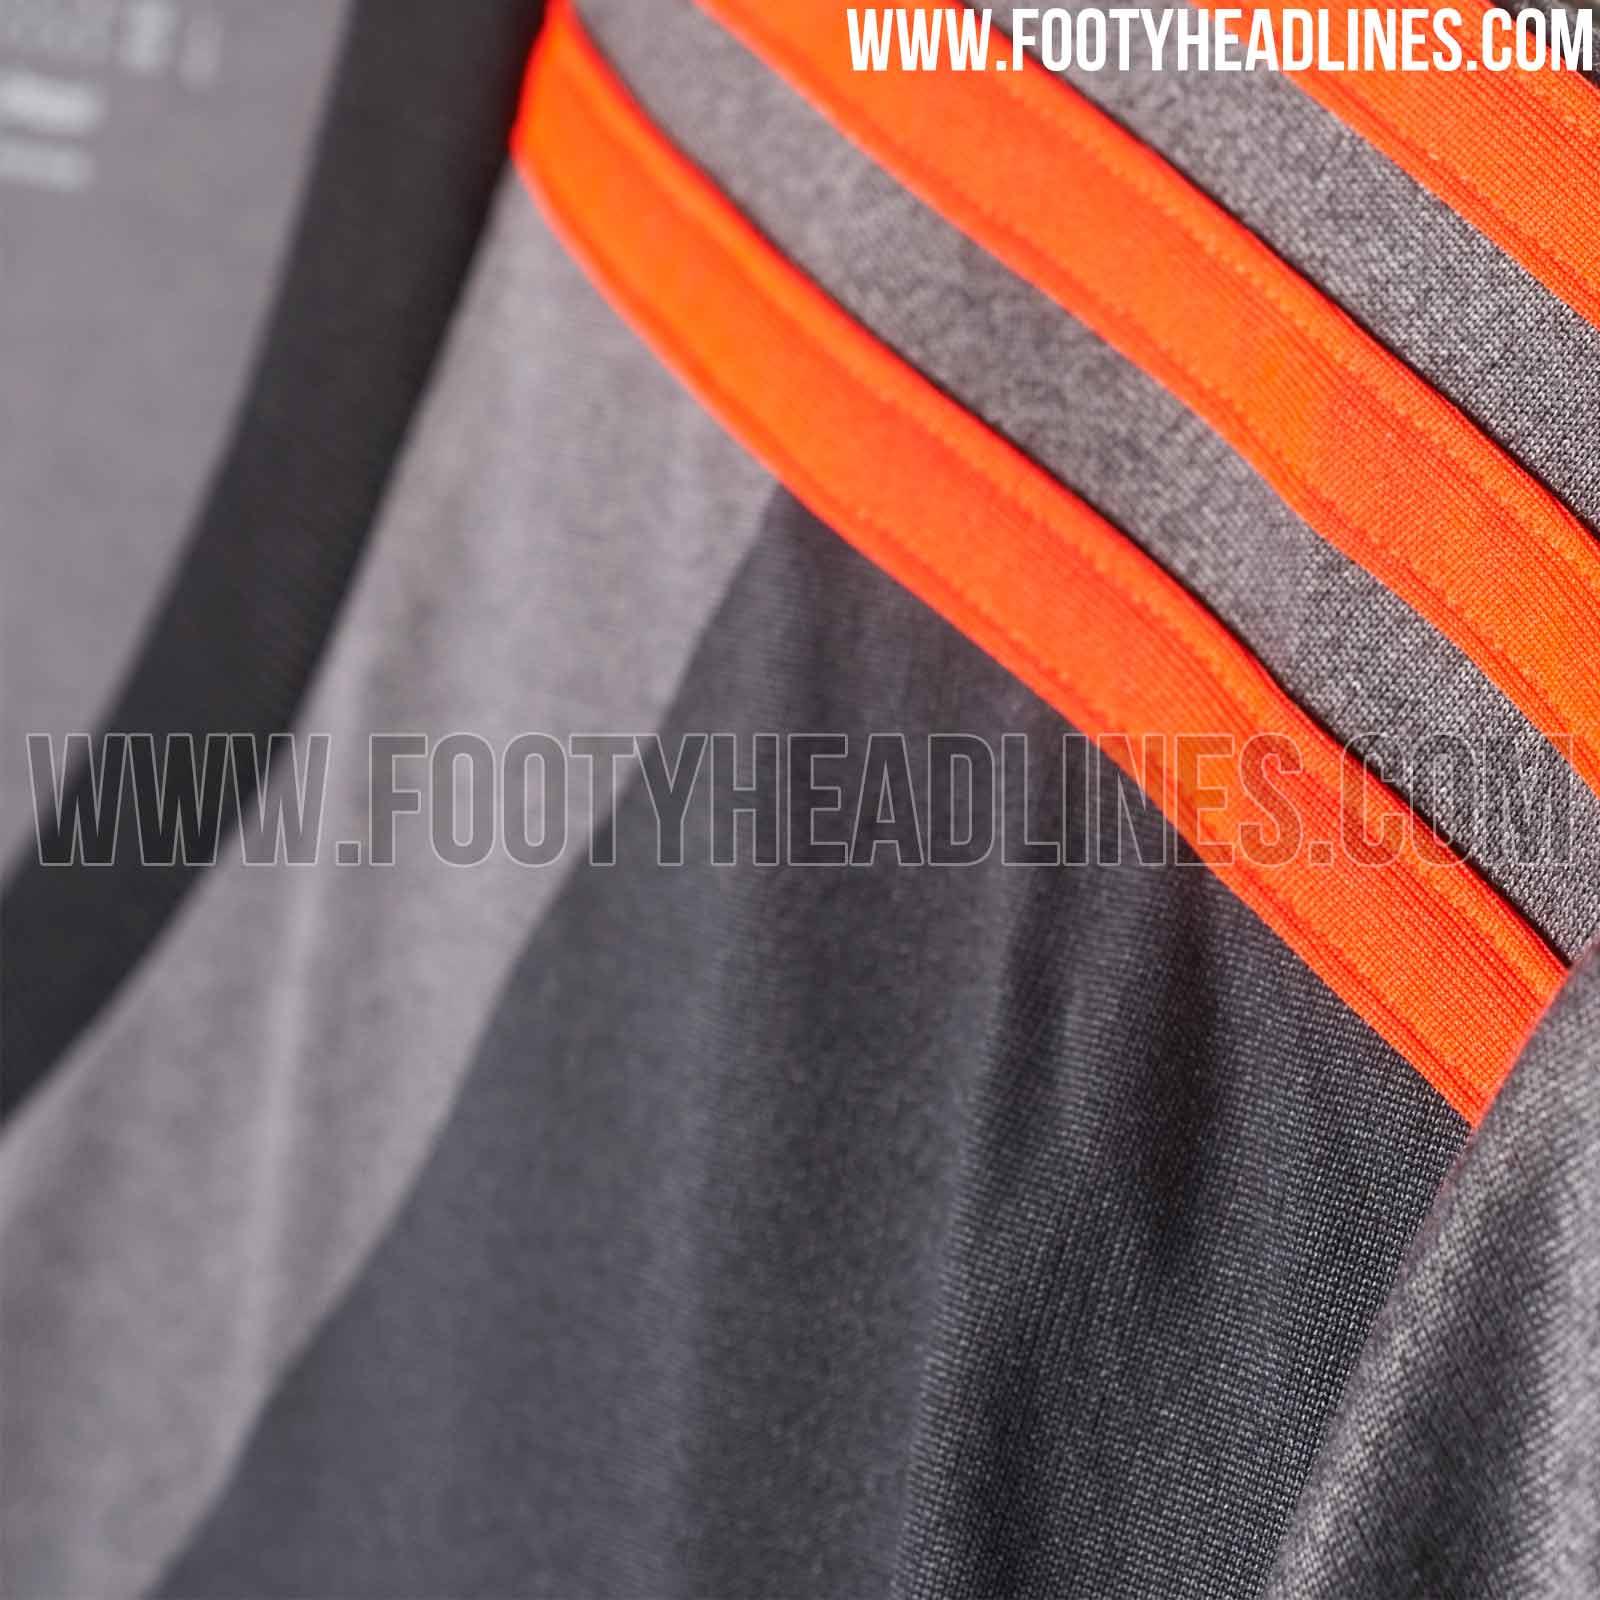 96f2adf615 E o modelo mostra um uniforme em tons de cinza e preto